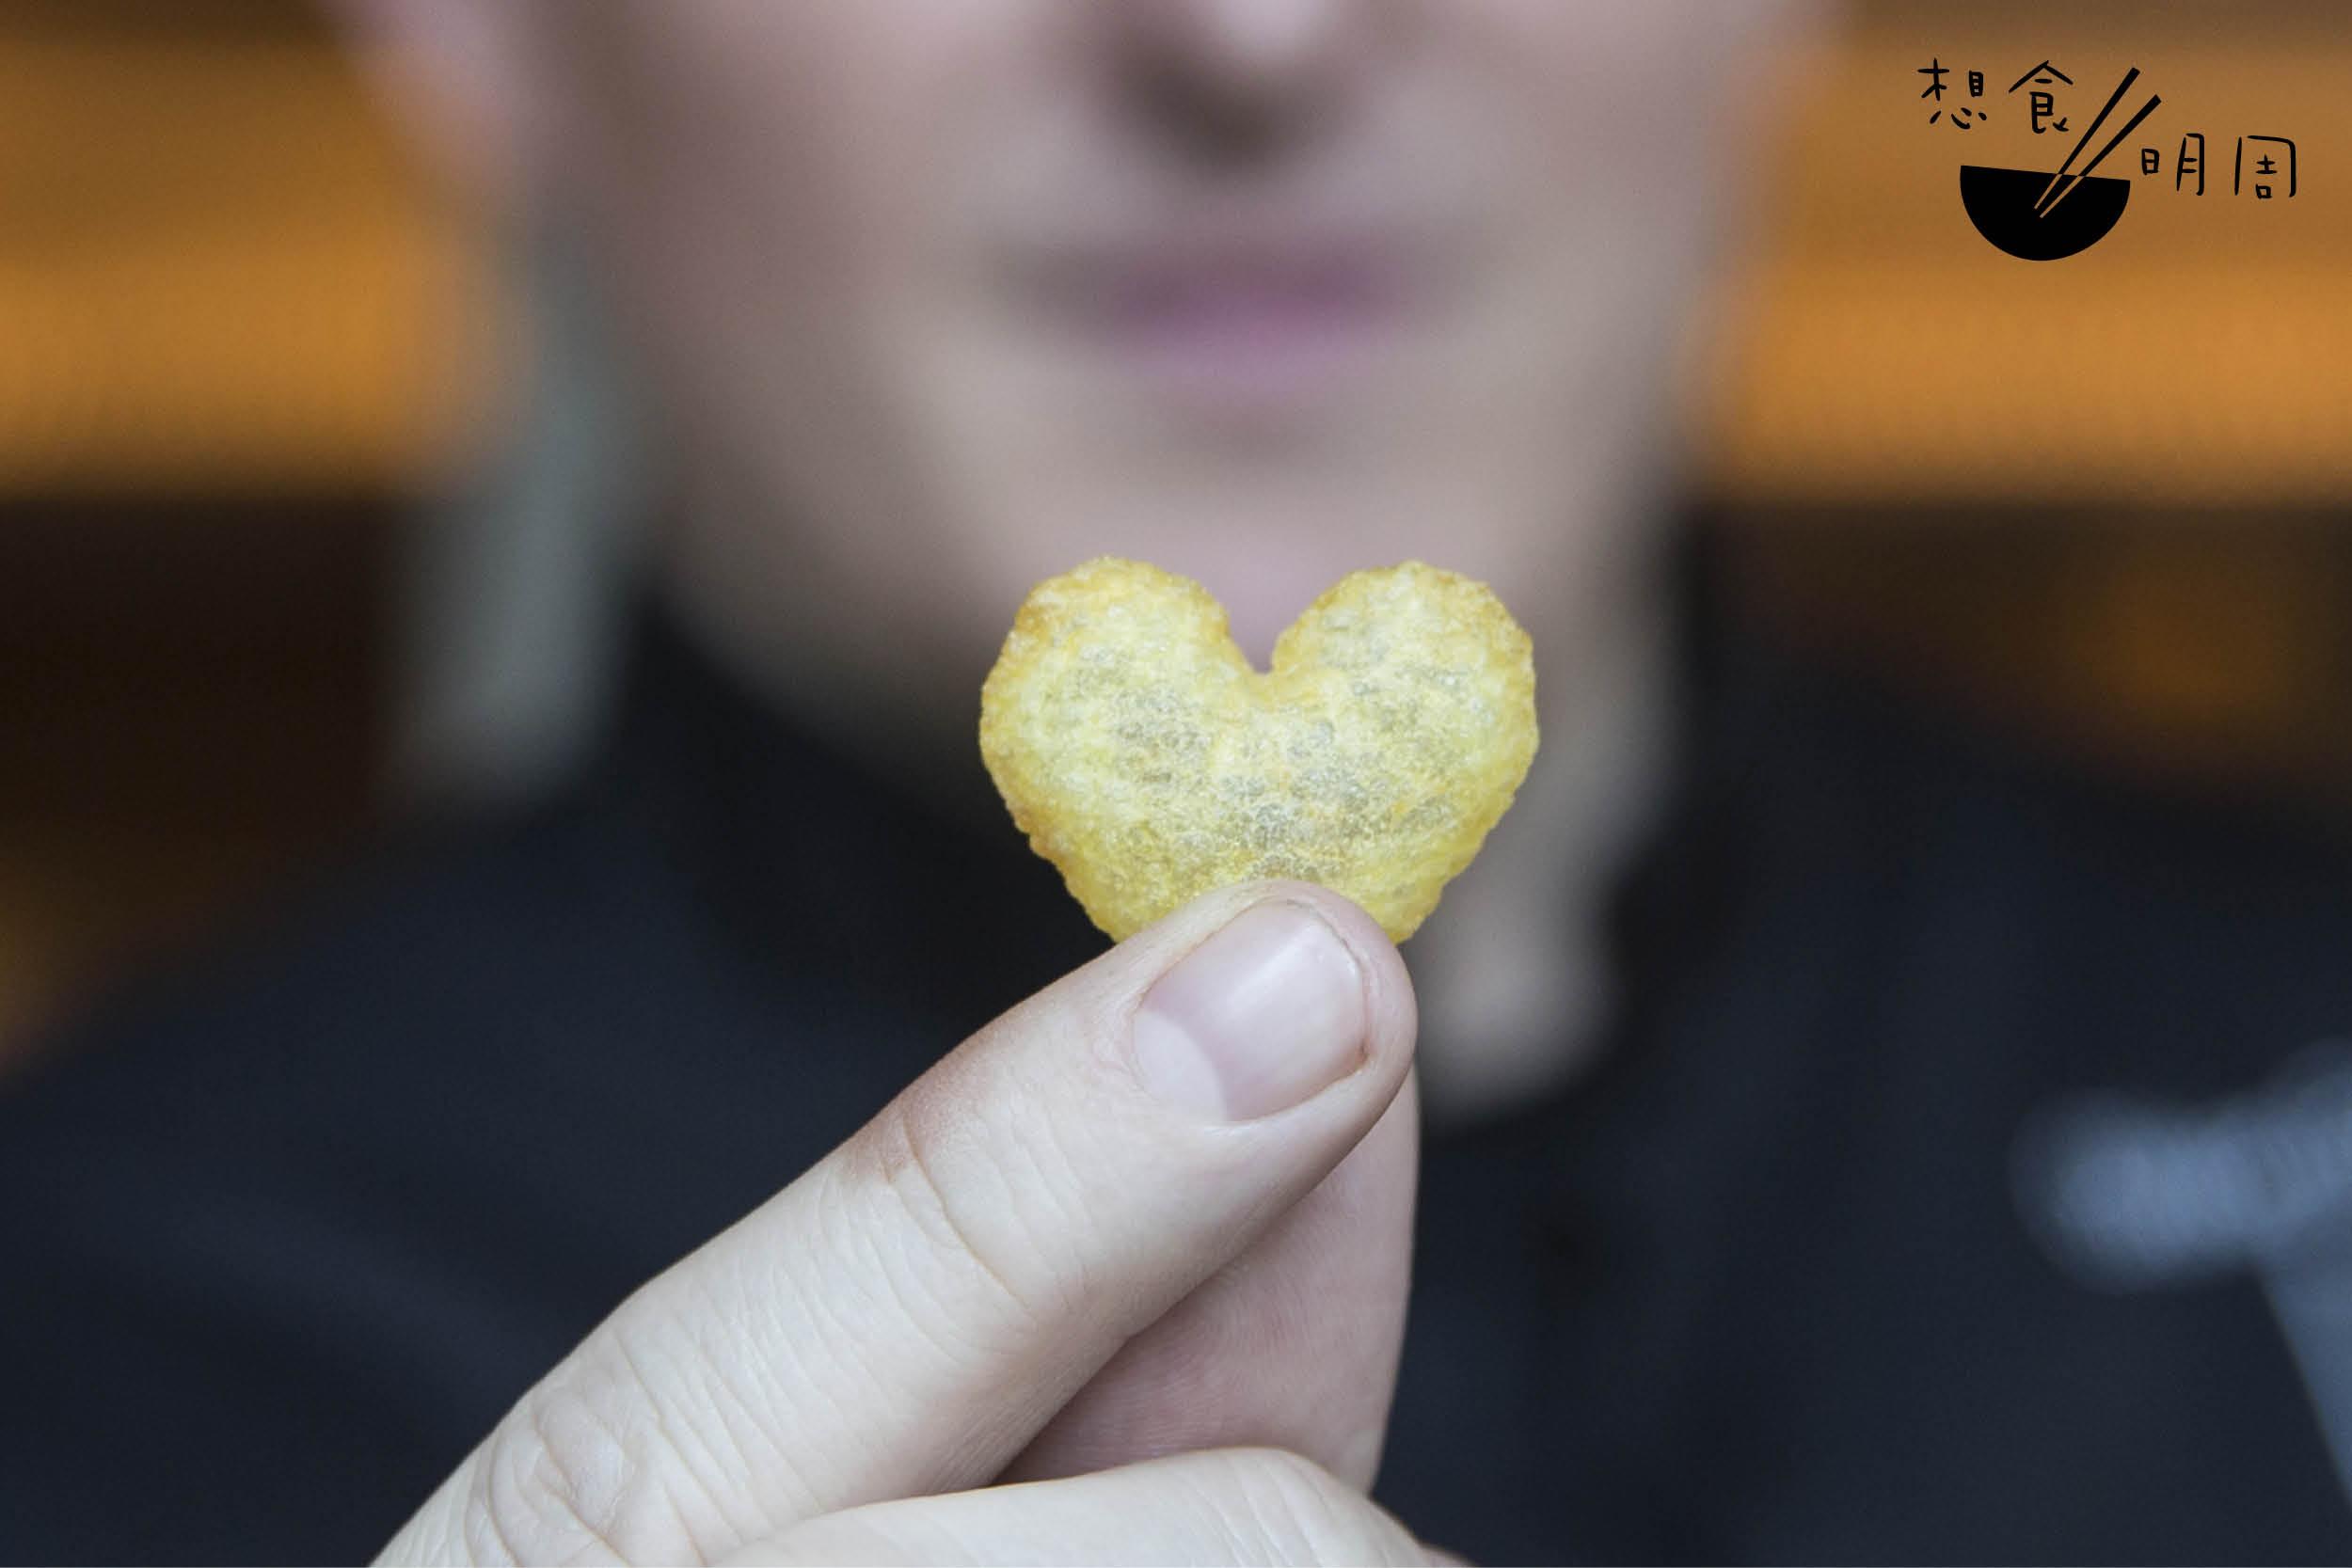 香脆的薯片總是令人欲罷不能, 香港瑞吉酒店L'ENVOL餐飲總監 Olivier Elzer也如是說:「薯片有種魔力,一旦你開始了,就無法再停止,直至吃清光。」是故大部分客 人都能吃完全部pomme soufflé。